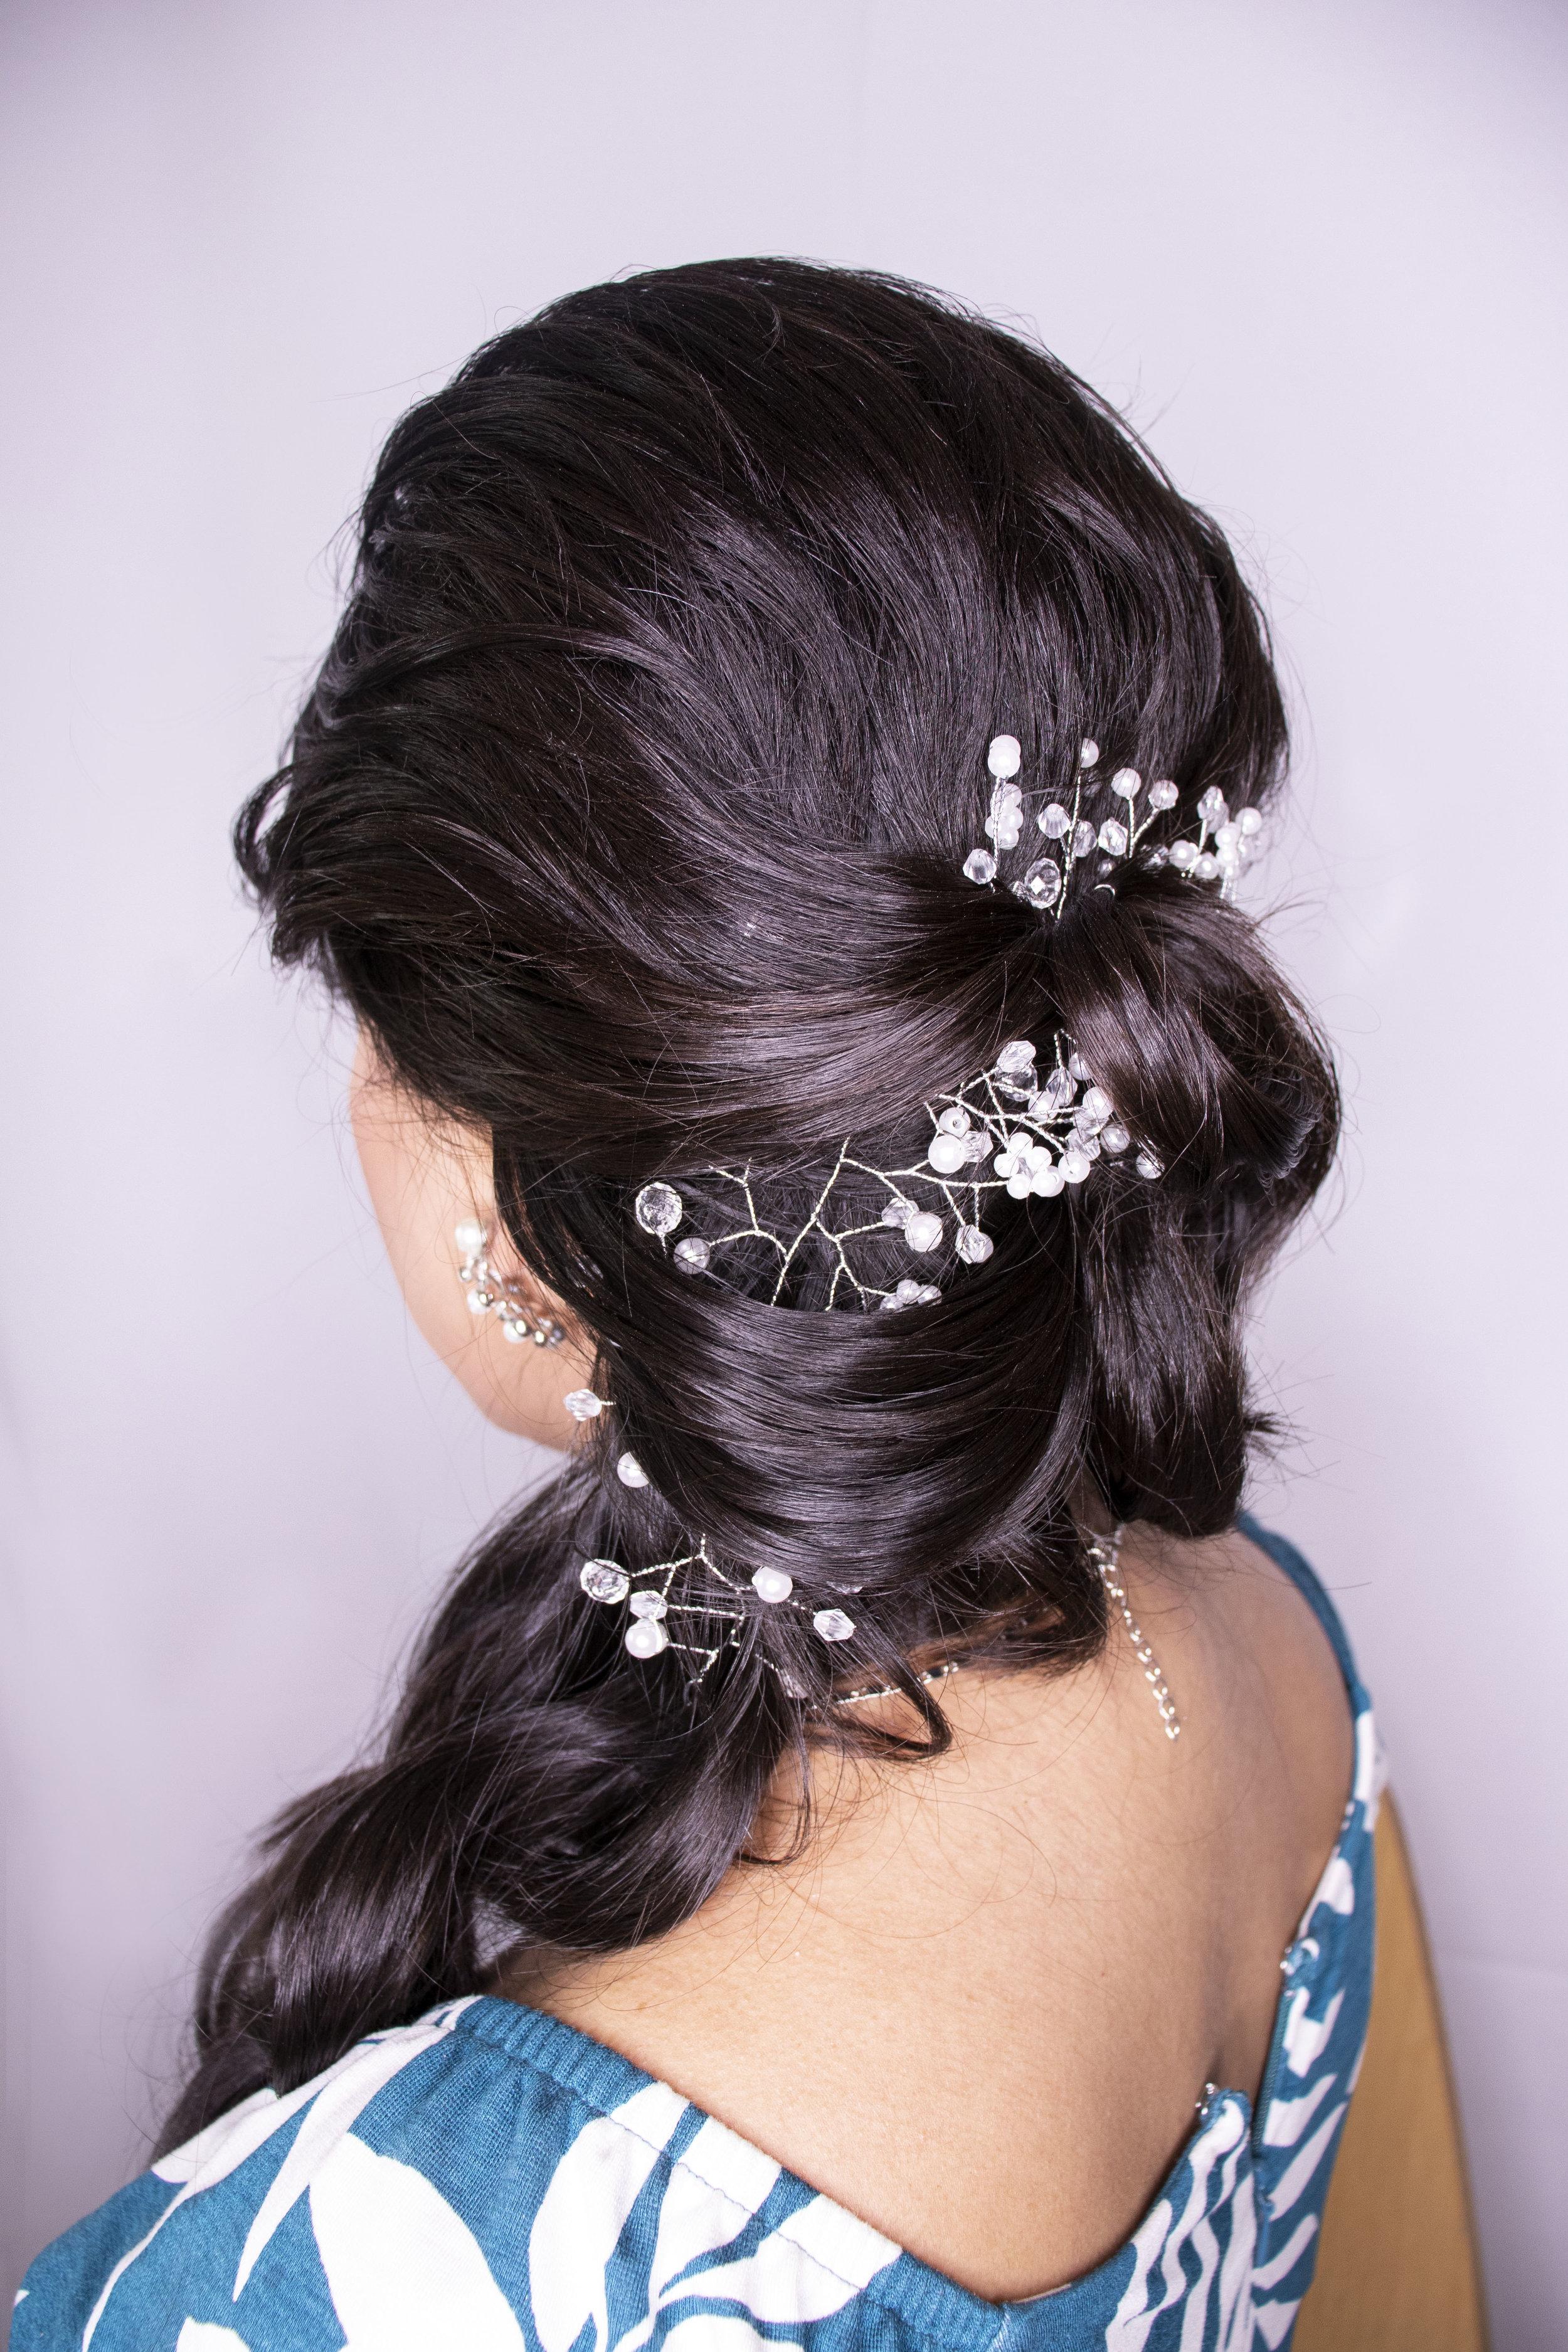 San Diego Bridal Makeup & Hair By Van Tran